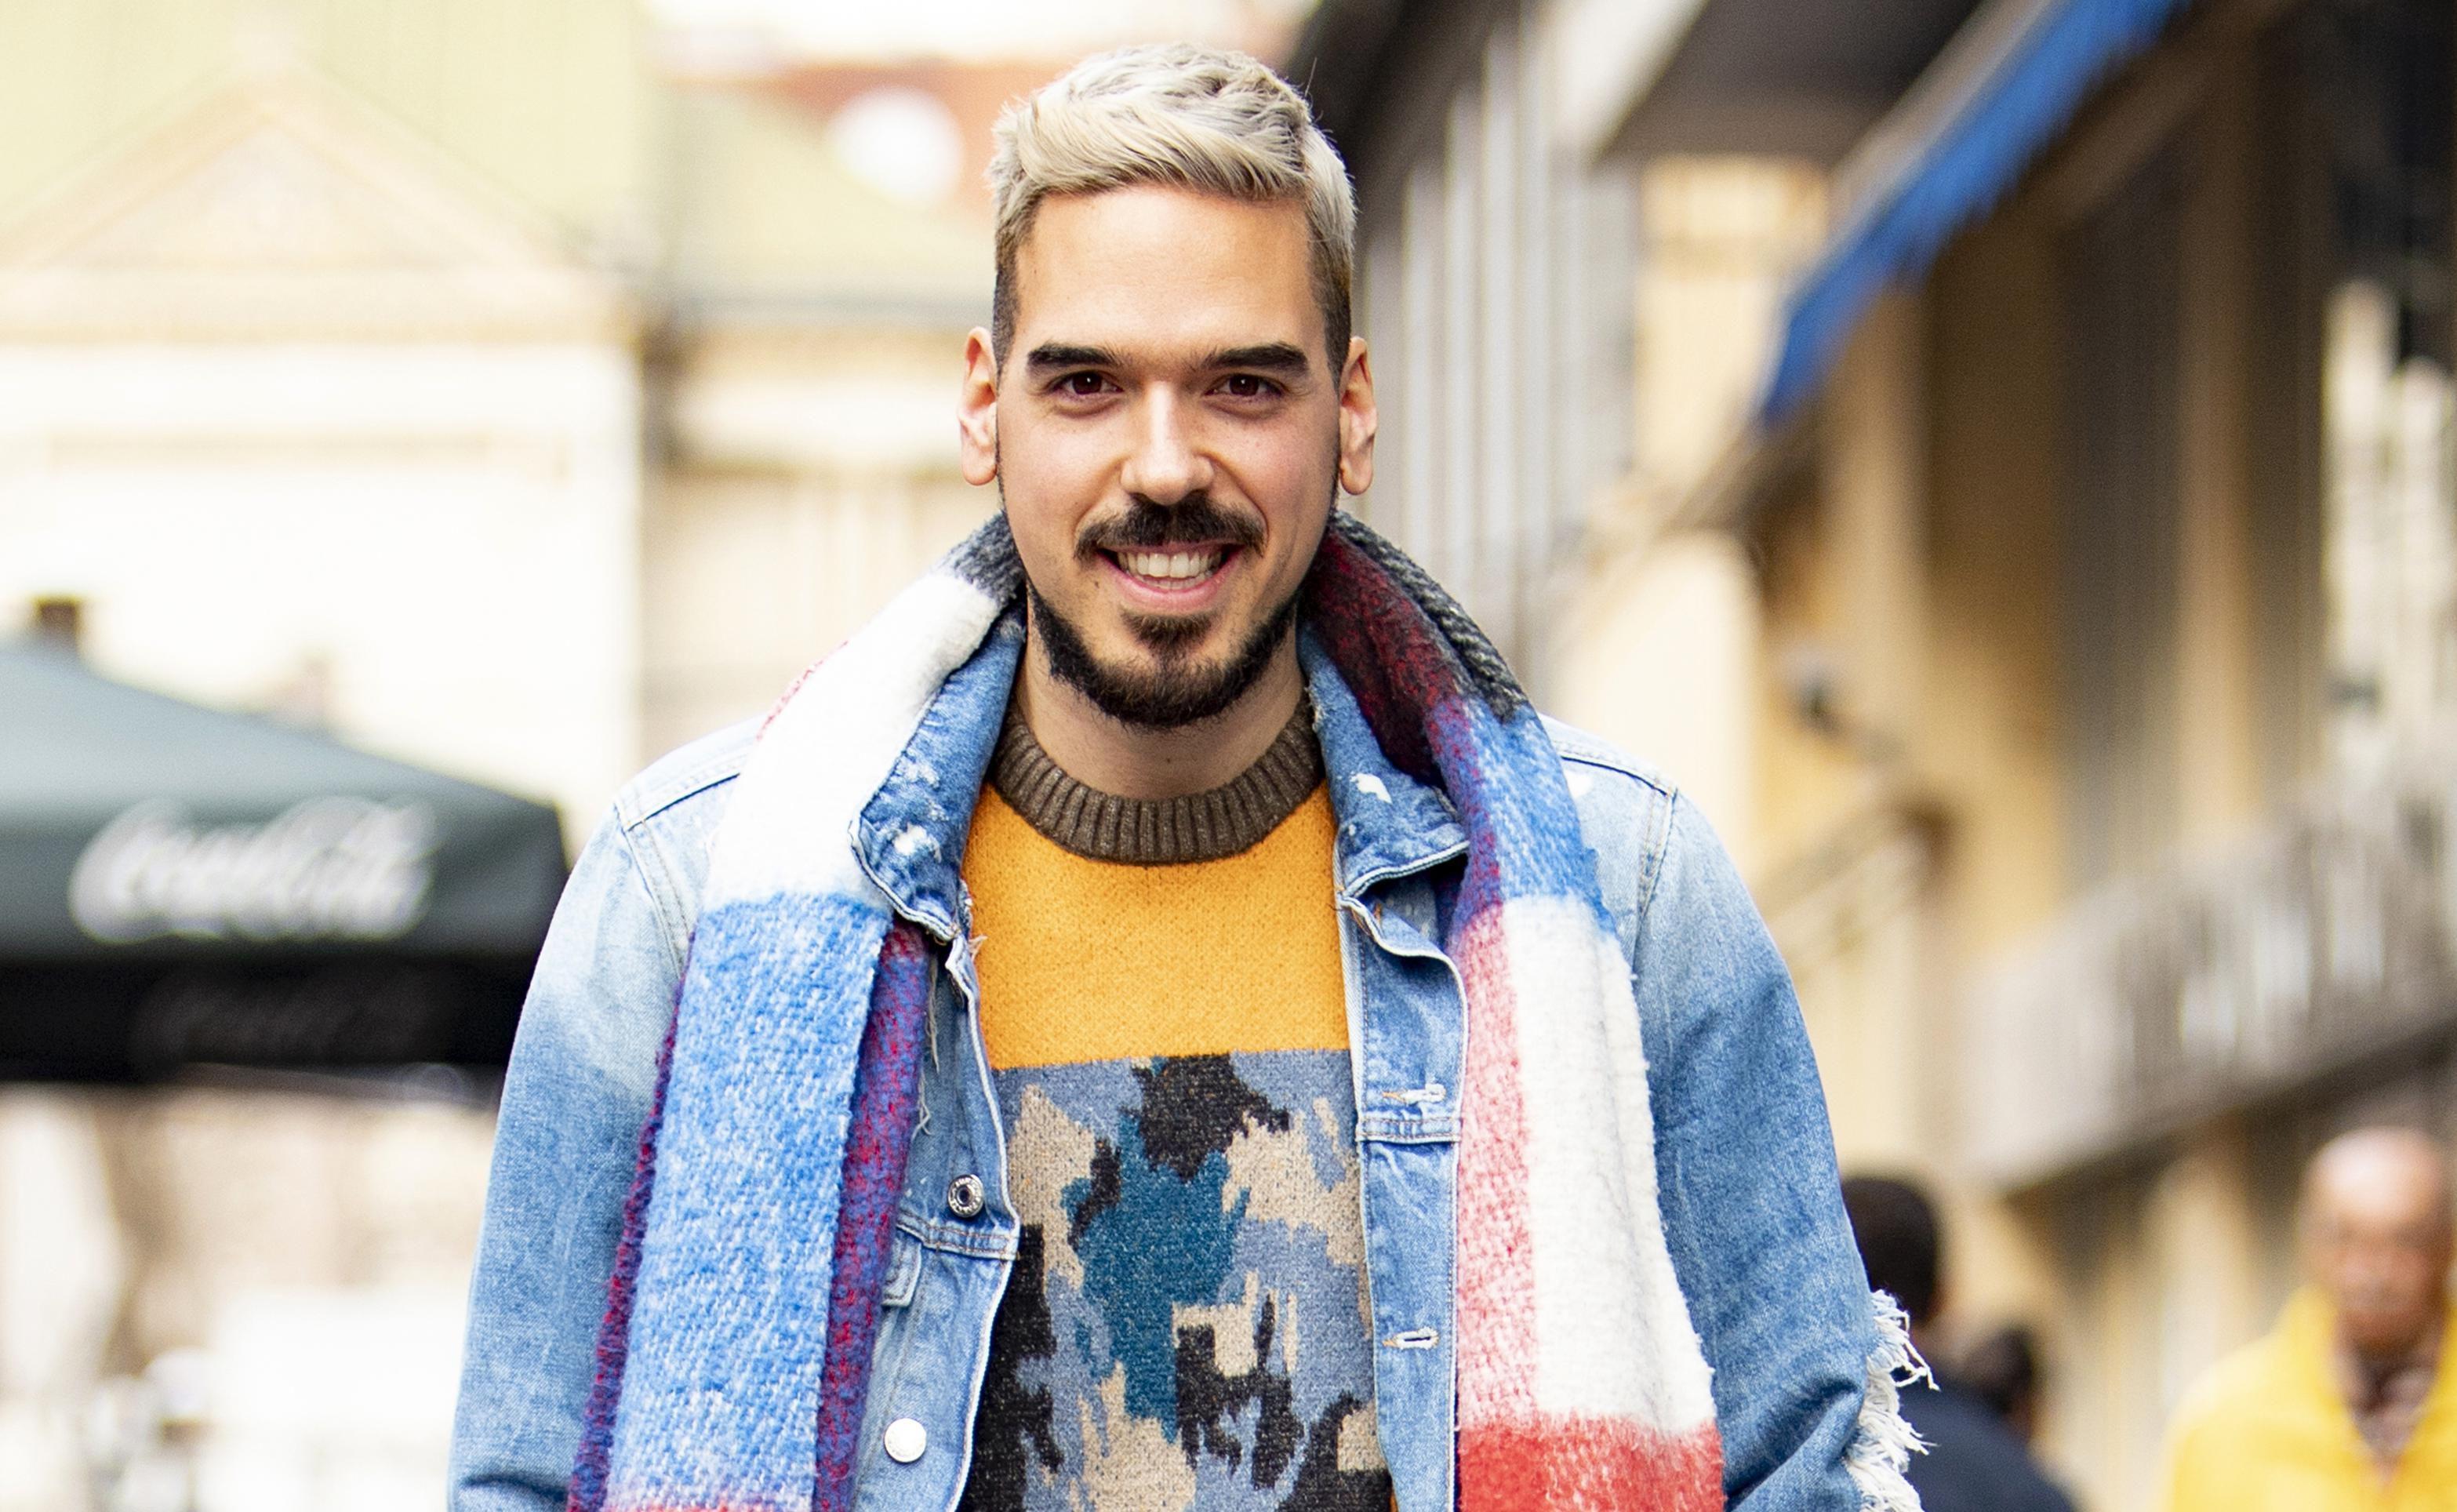 Prezgodan frajer: 'Oduvijek volim biti drugačiji, a čak sam i kosu obojao da imam više boja na sebi'